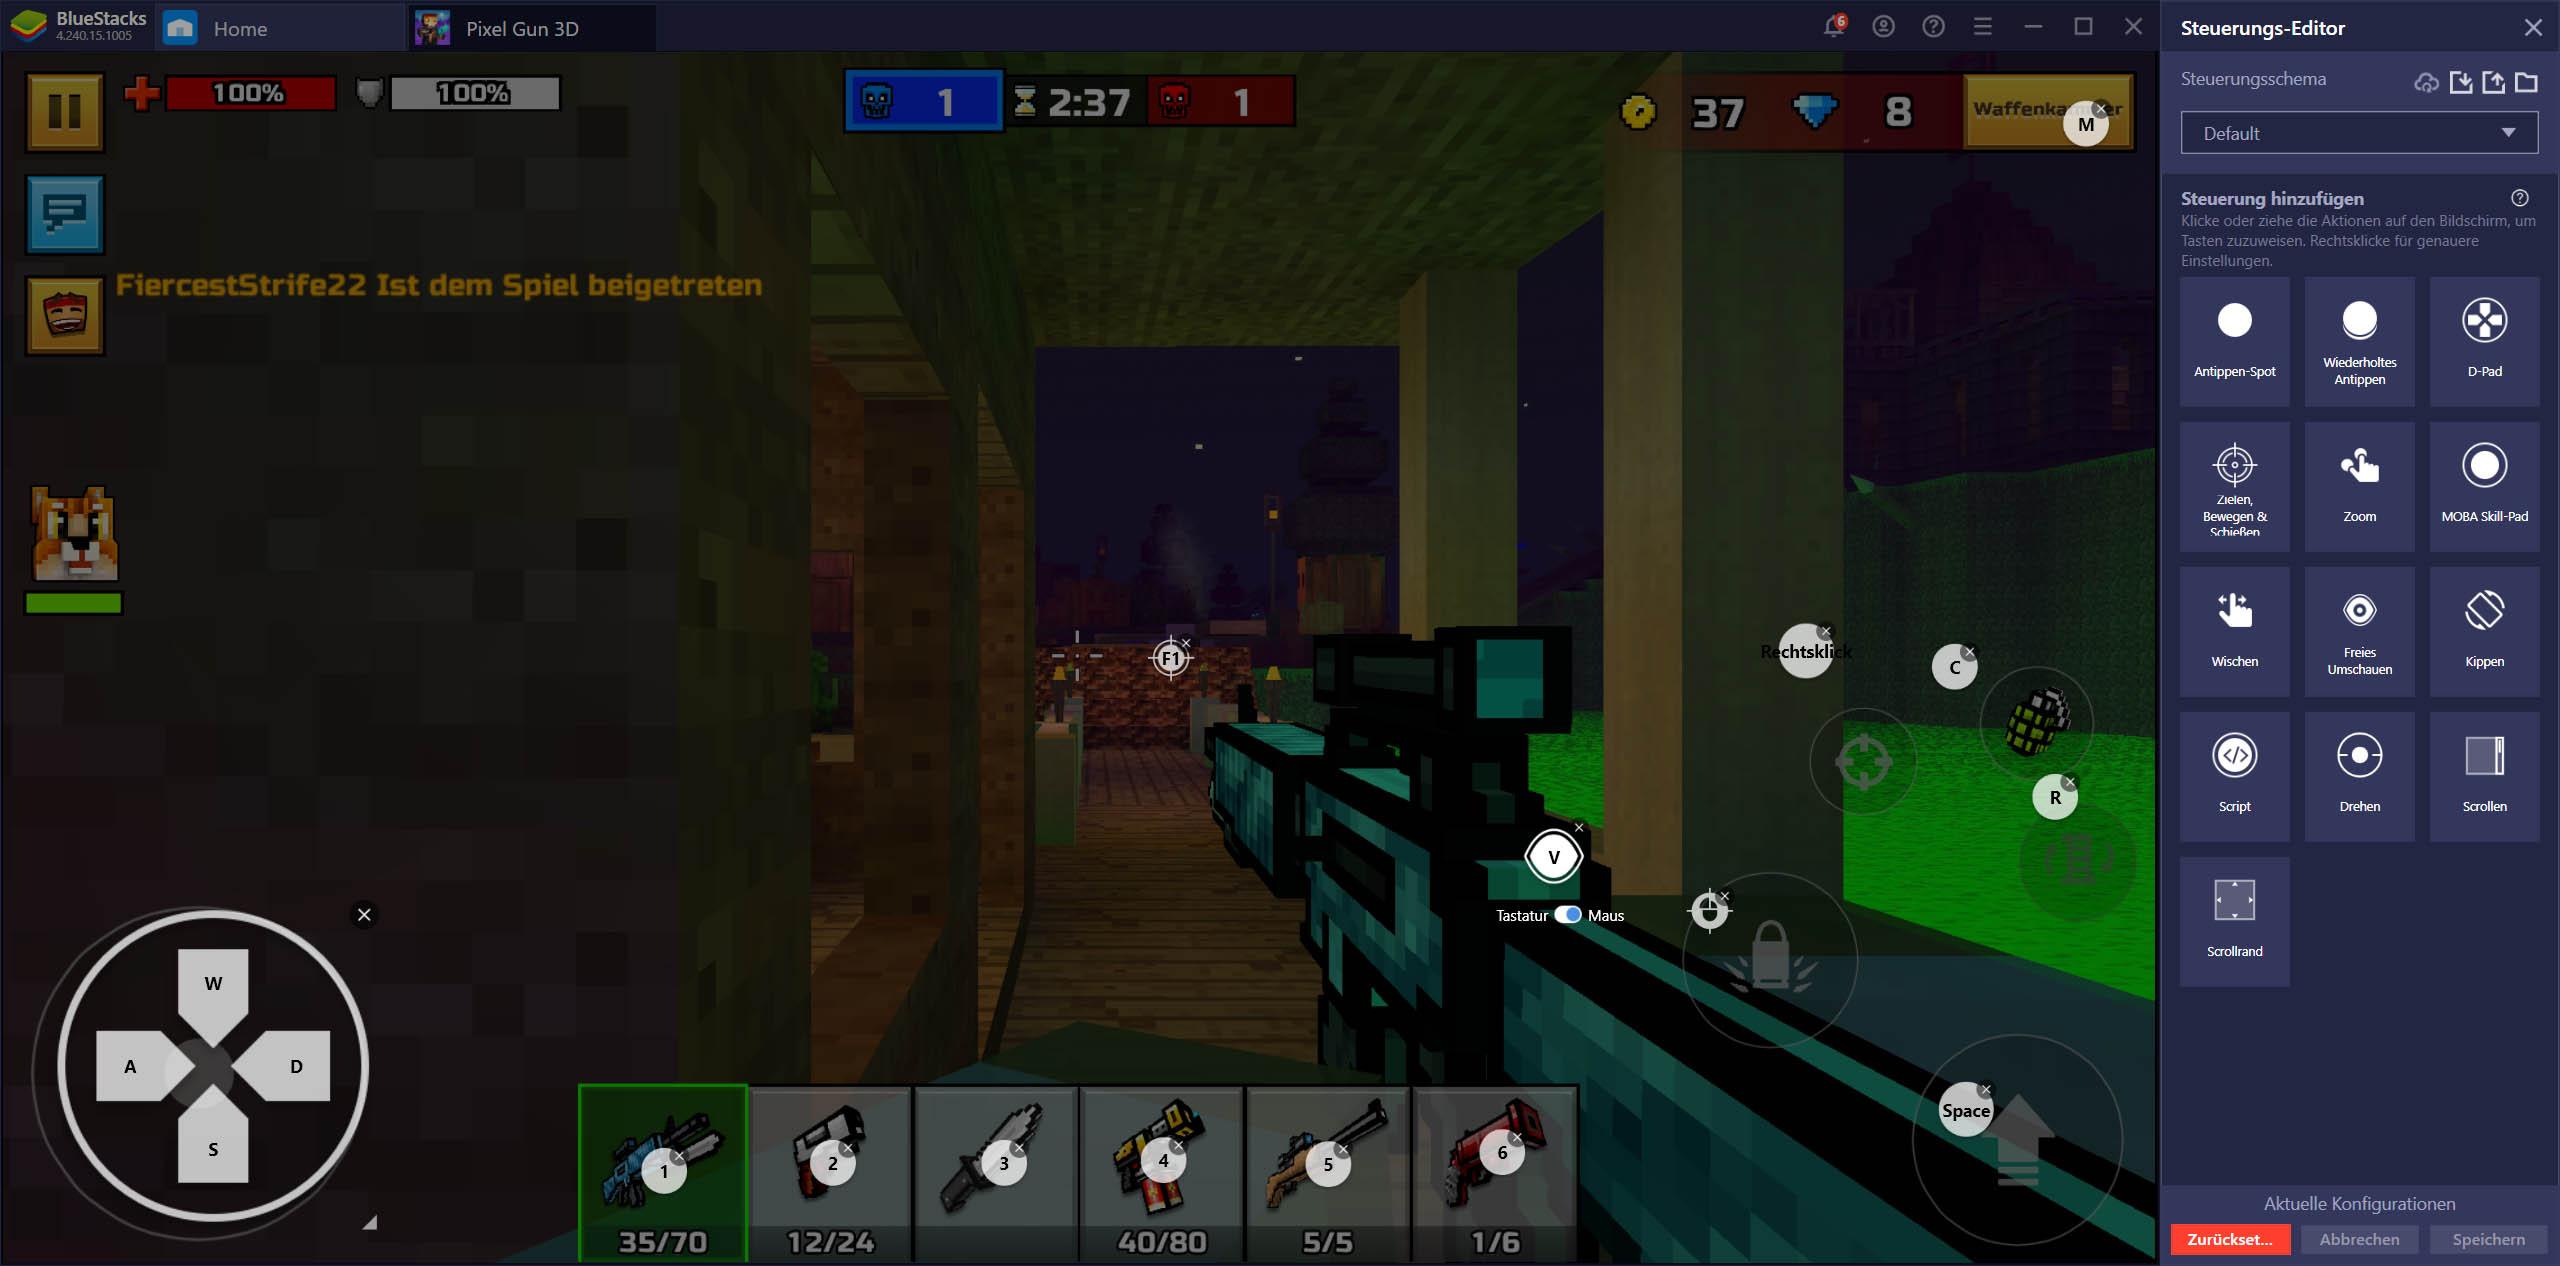 Pixel Gun 3D PC – Besser Ballern mit BlueStacks in diesem Shooter-Spiel